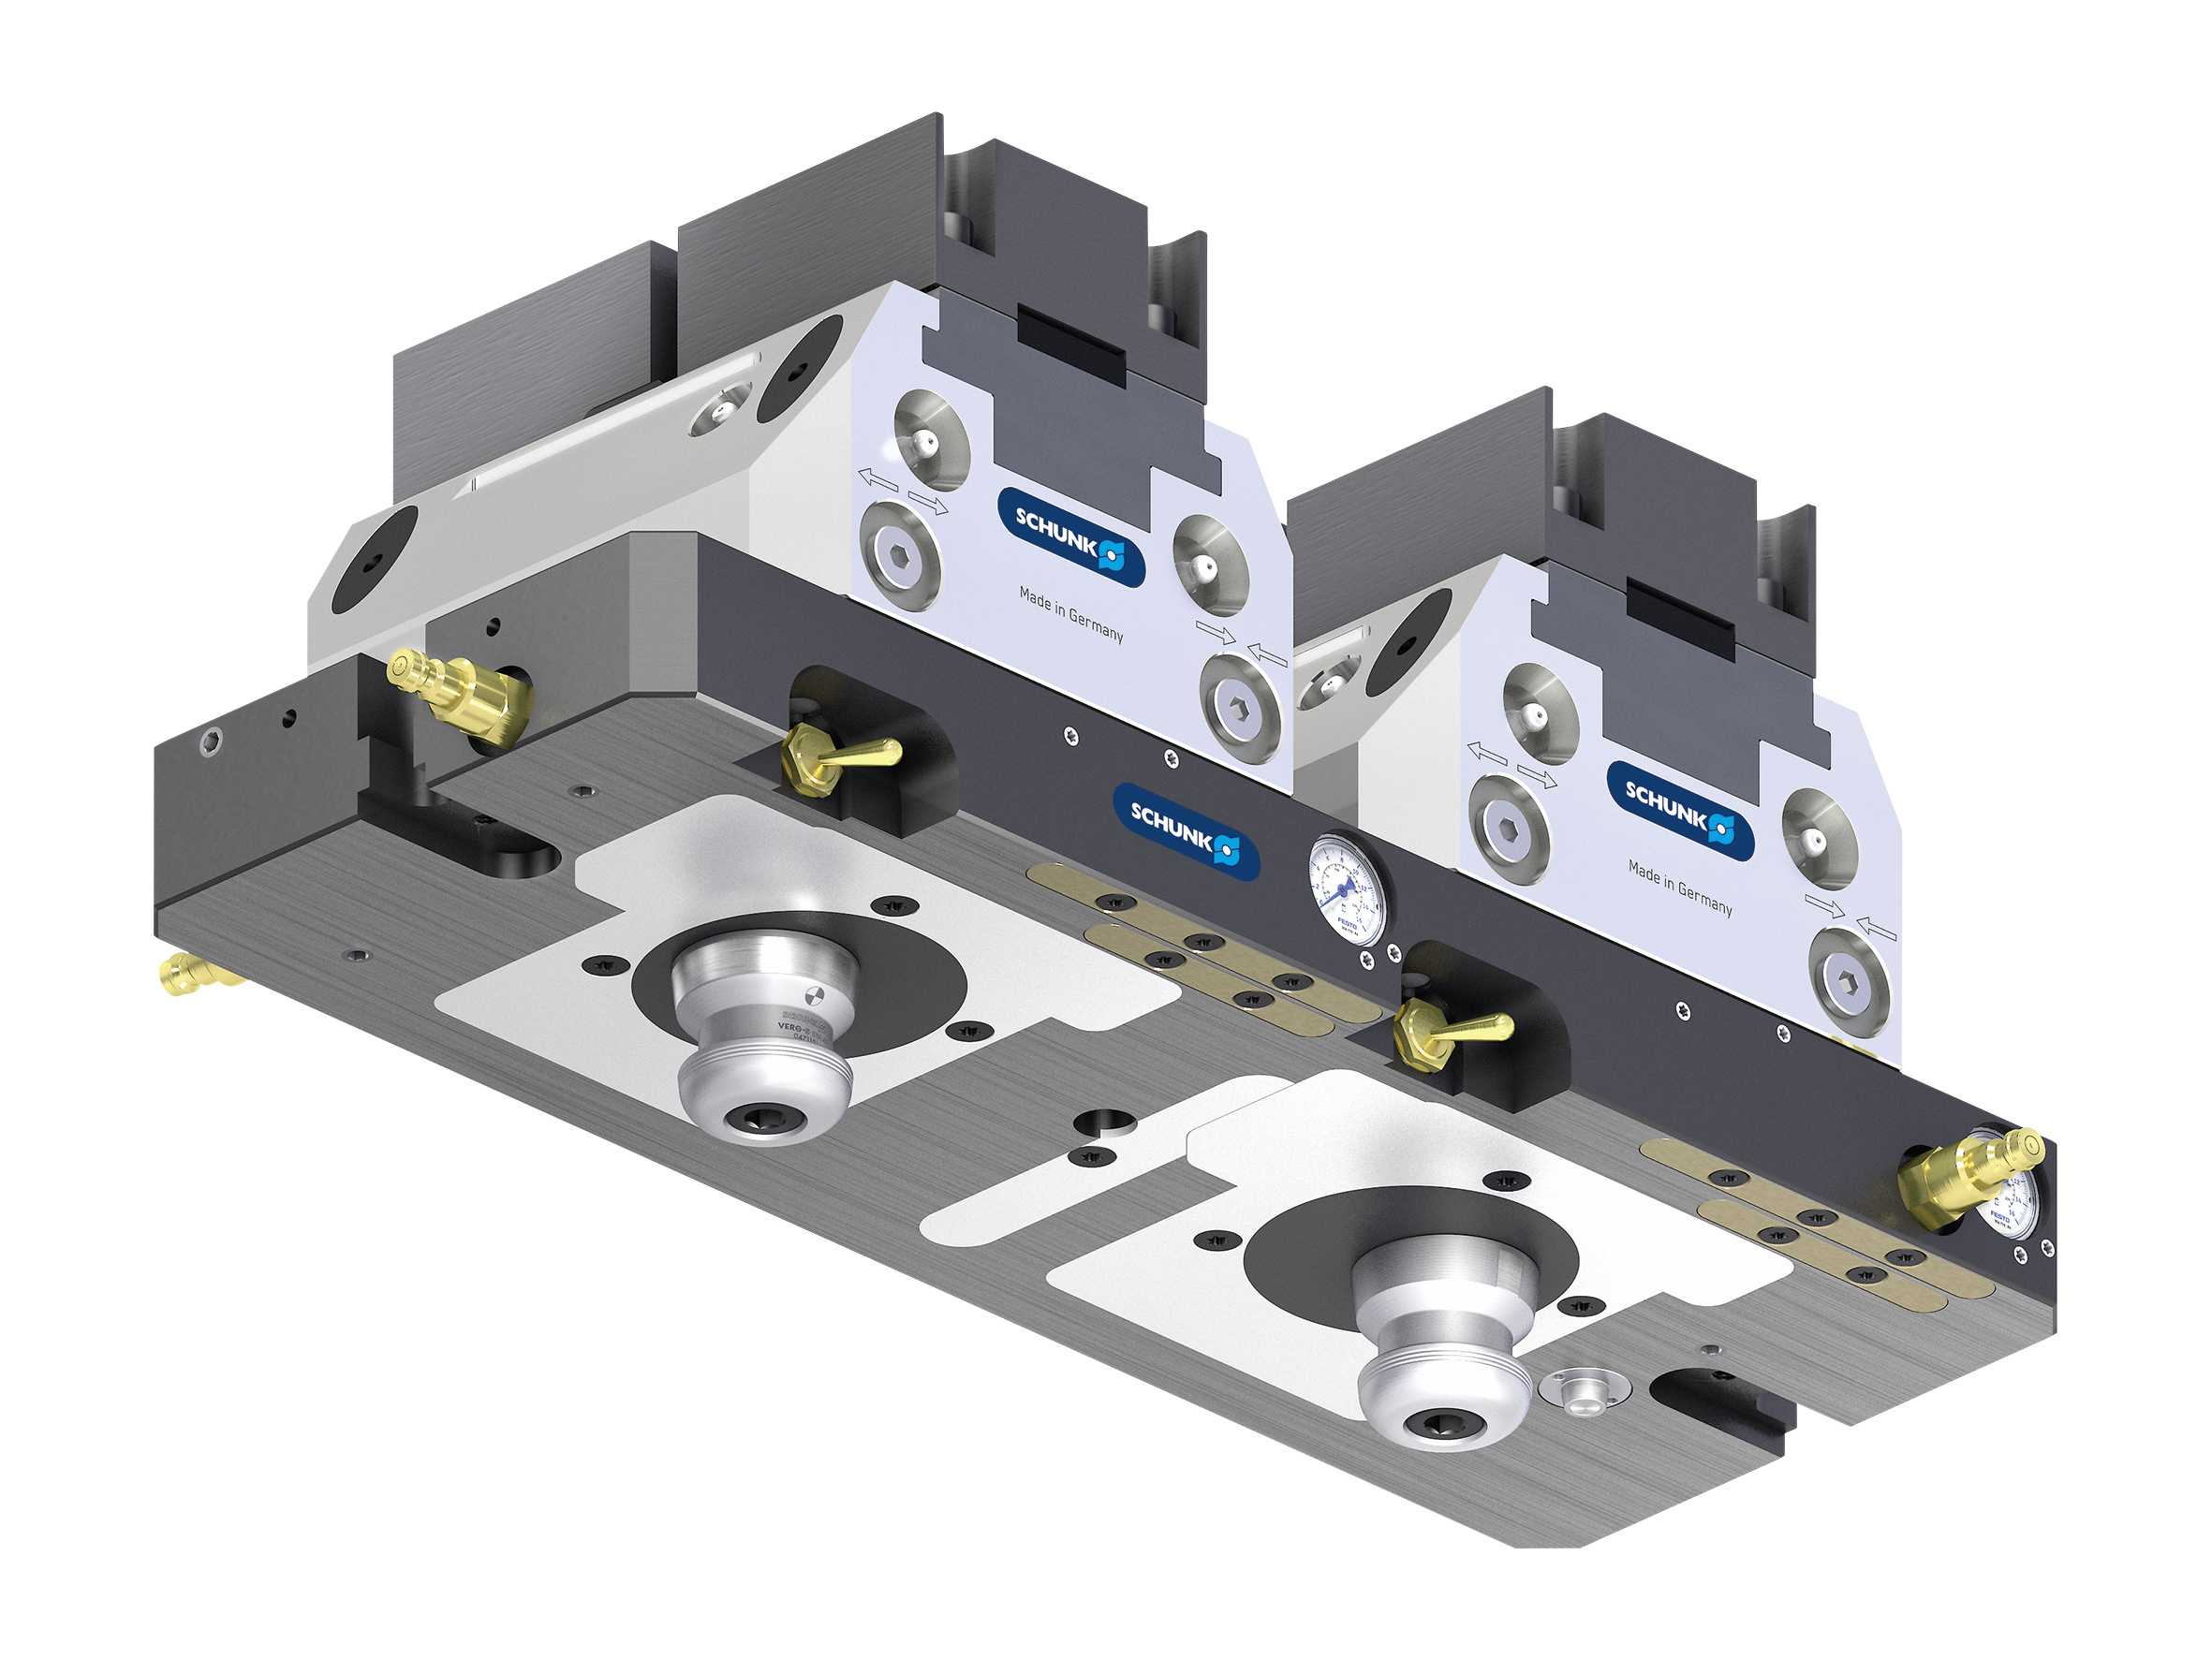 Placas base estándar, para mordazas de sujeción y el sistema de cambio rápido de palés